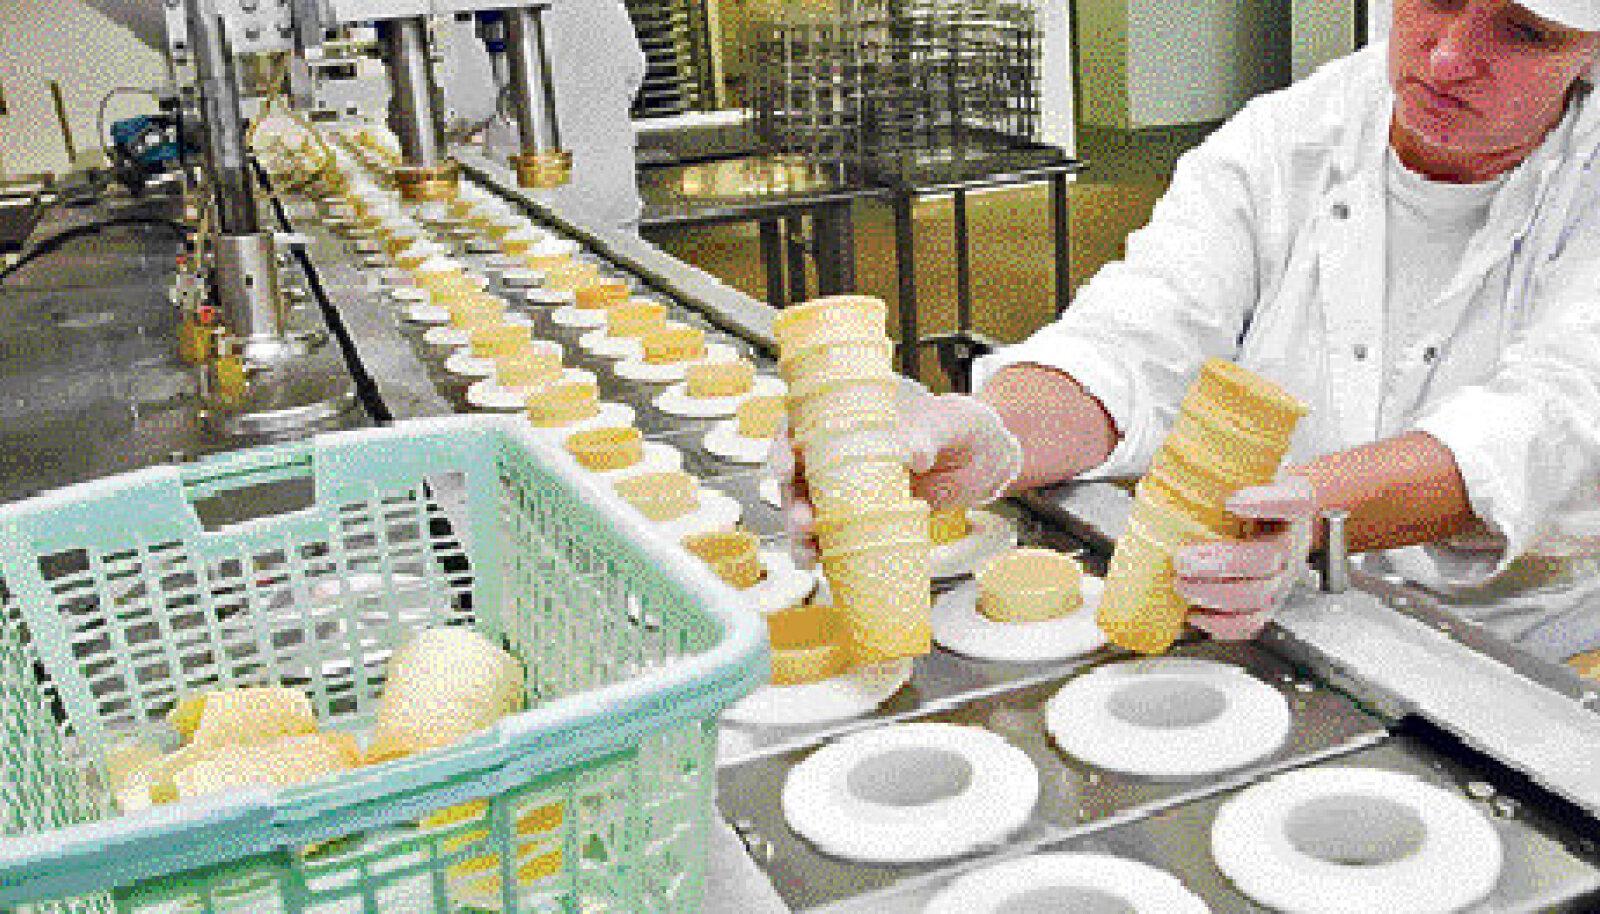 AS Balbiino värbas olemasolevatele töötajatele suvekuudeks juurde ligi 45 inimest.